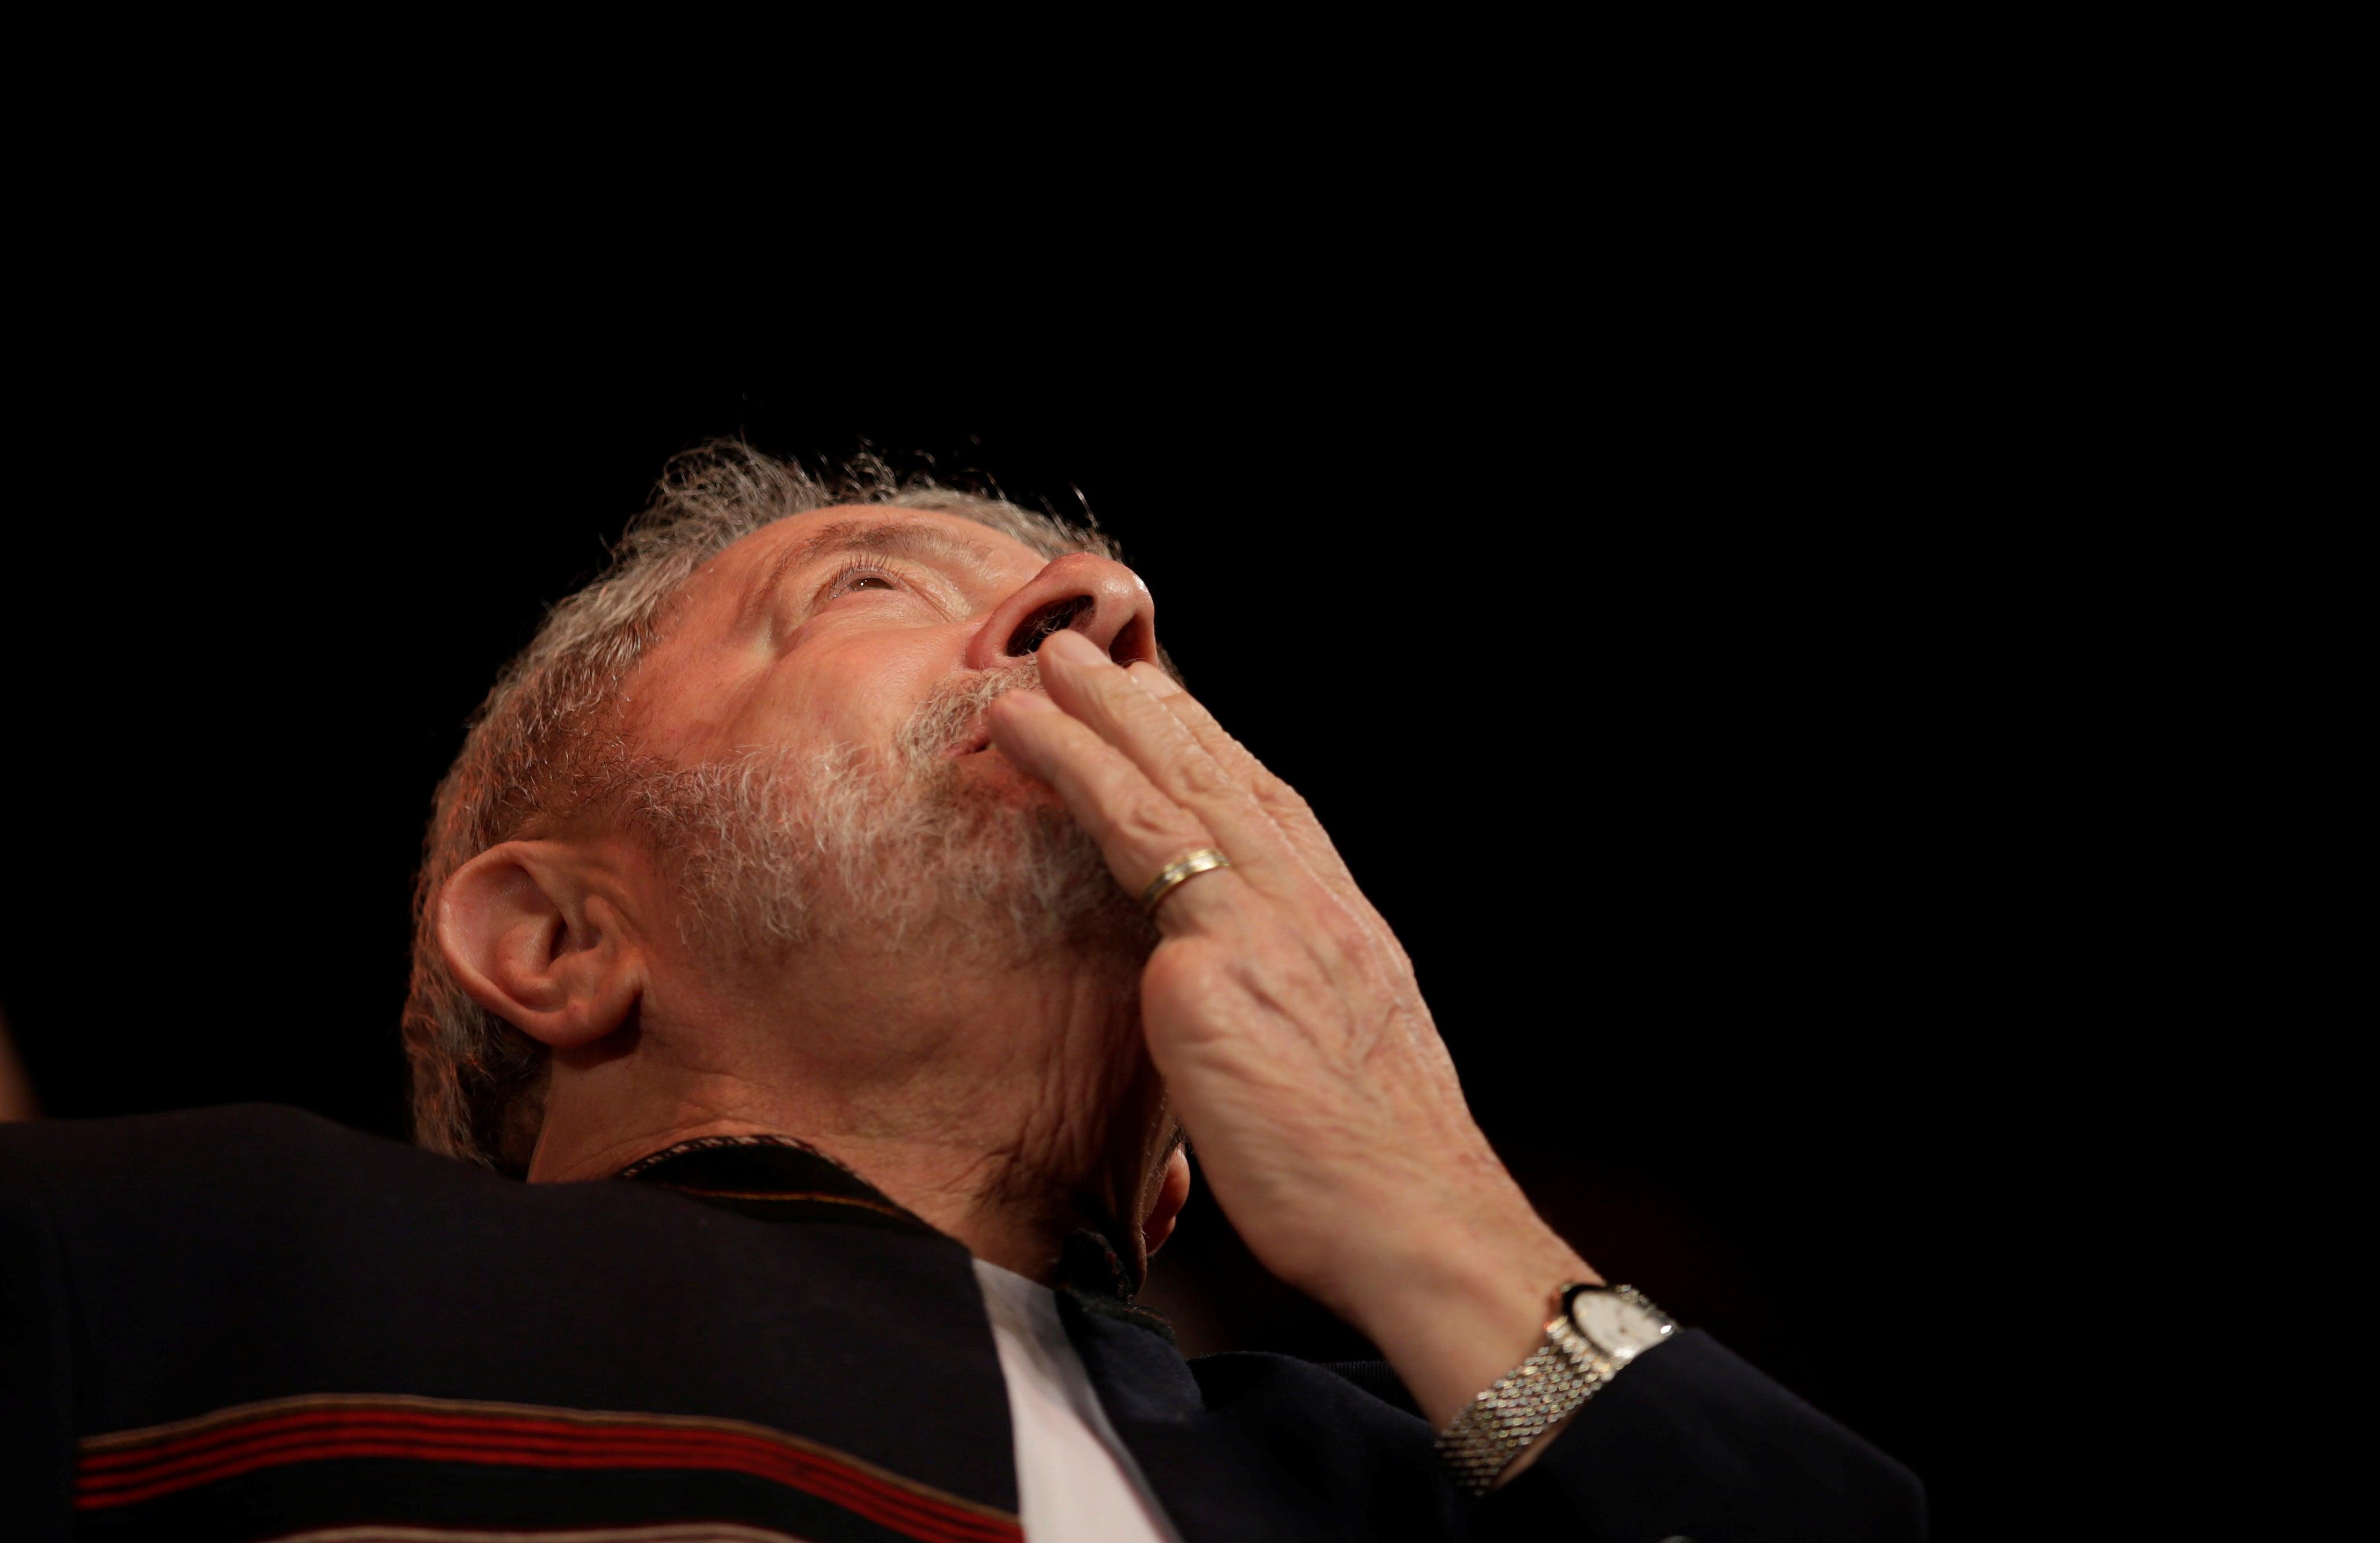 Brasil. Lula não se vai entregar para cumprir pena de prisão